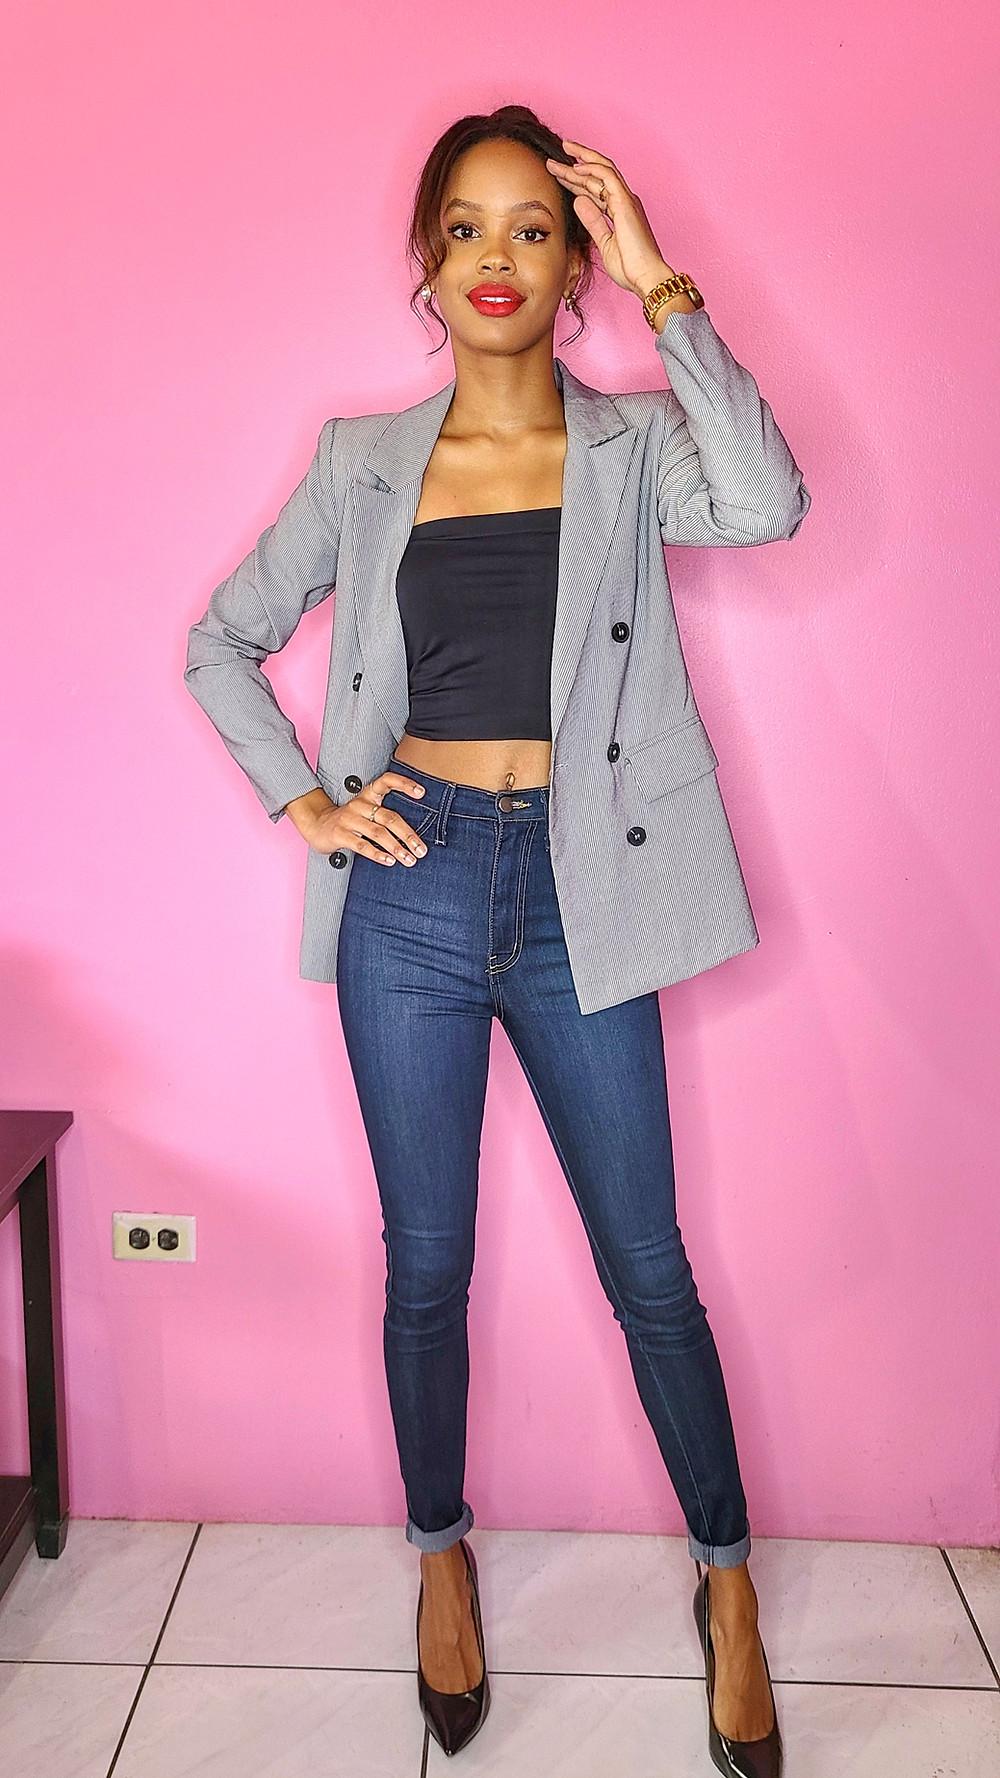 Chantelle Tatyana blog style